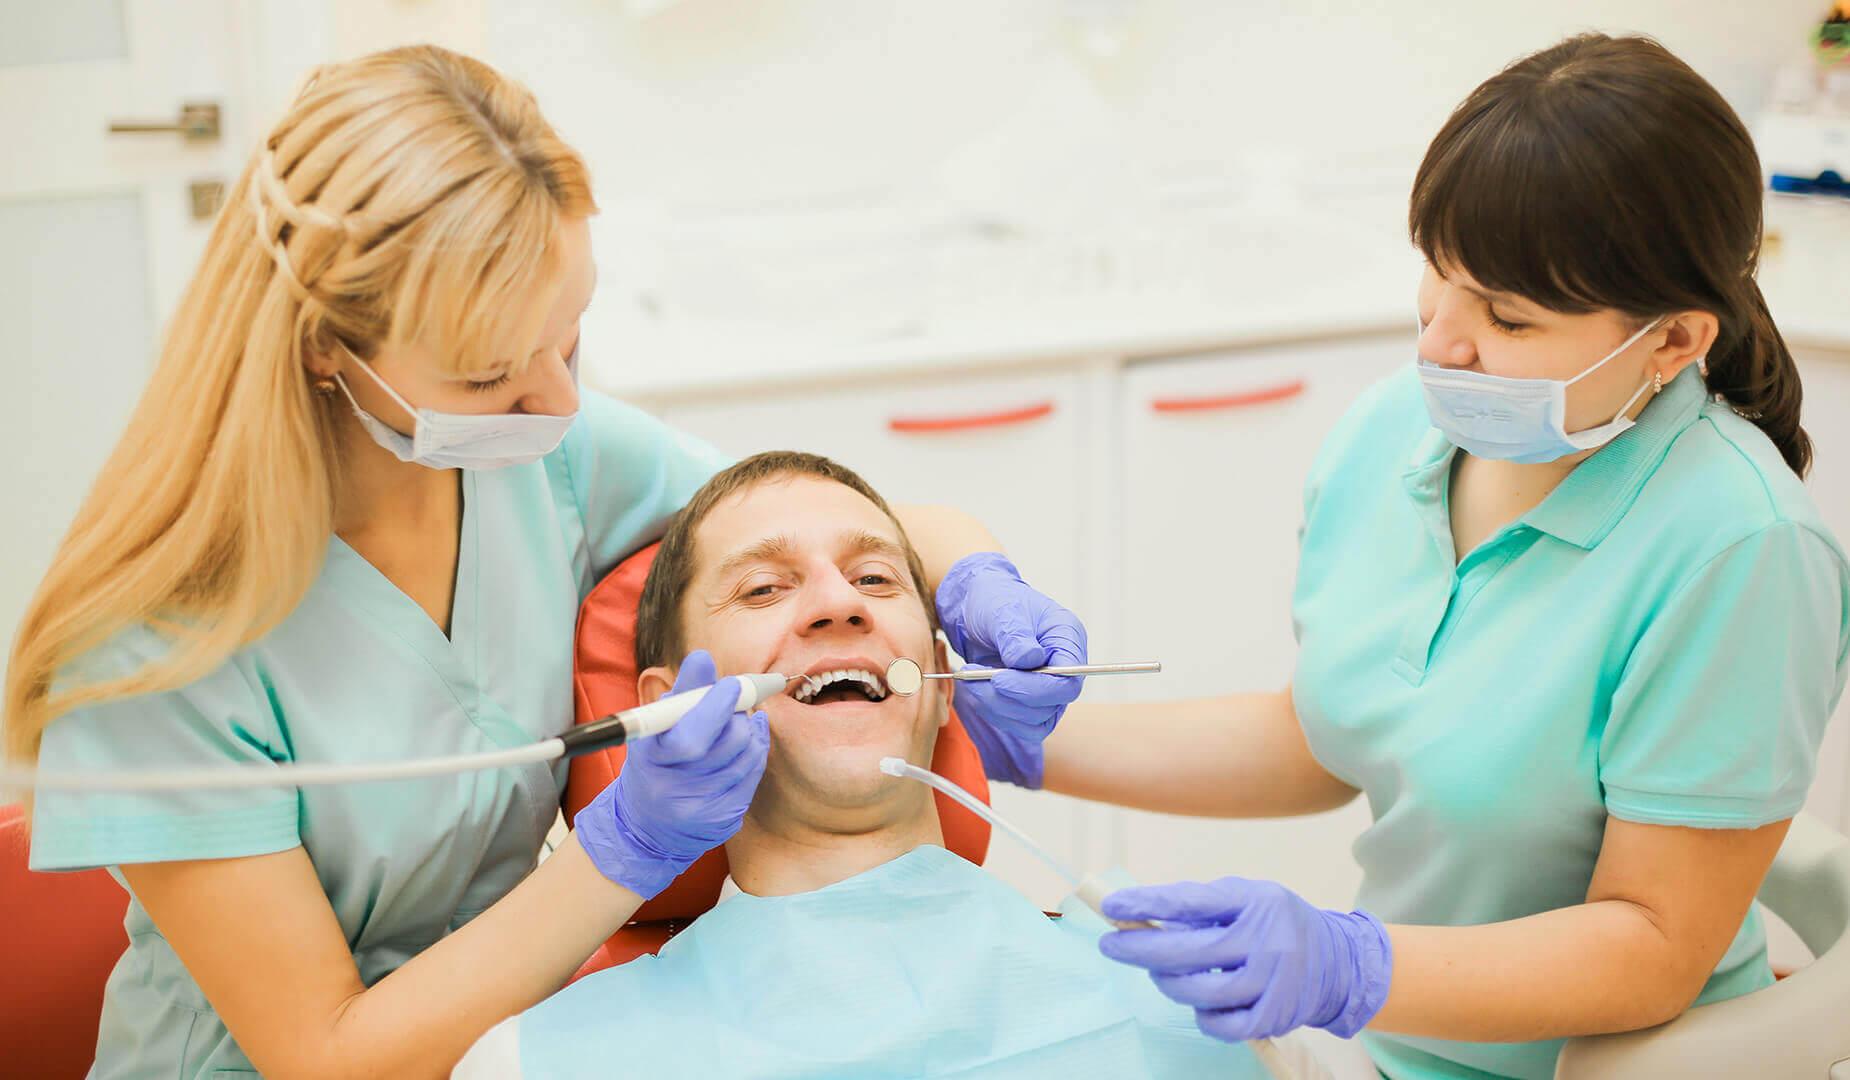 Пациенту удаляют зубной камень скайлером